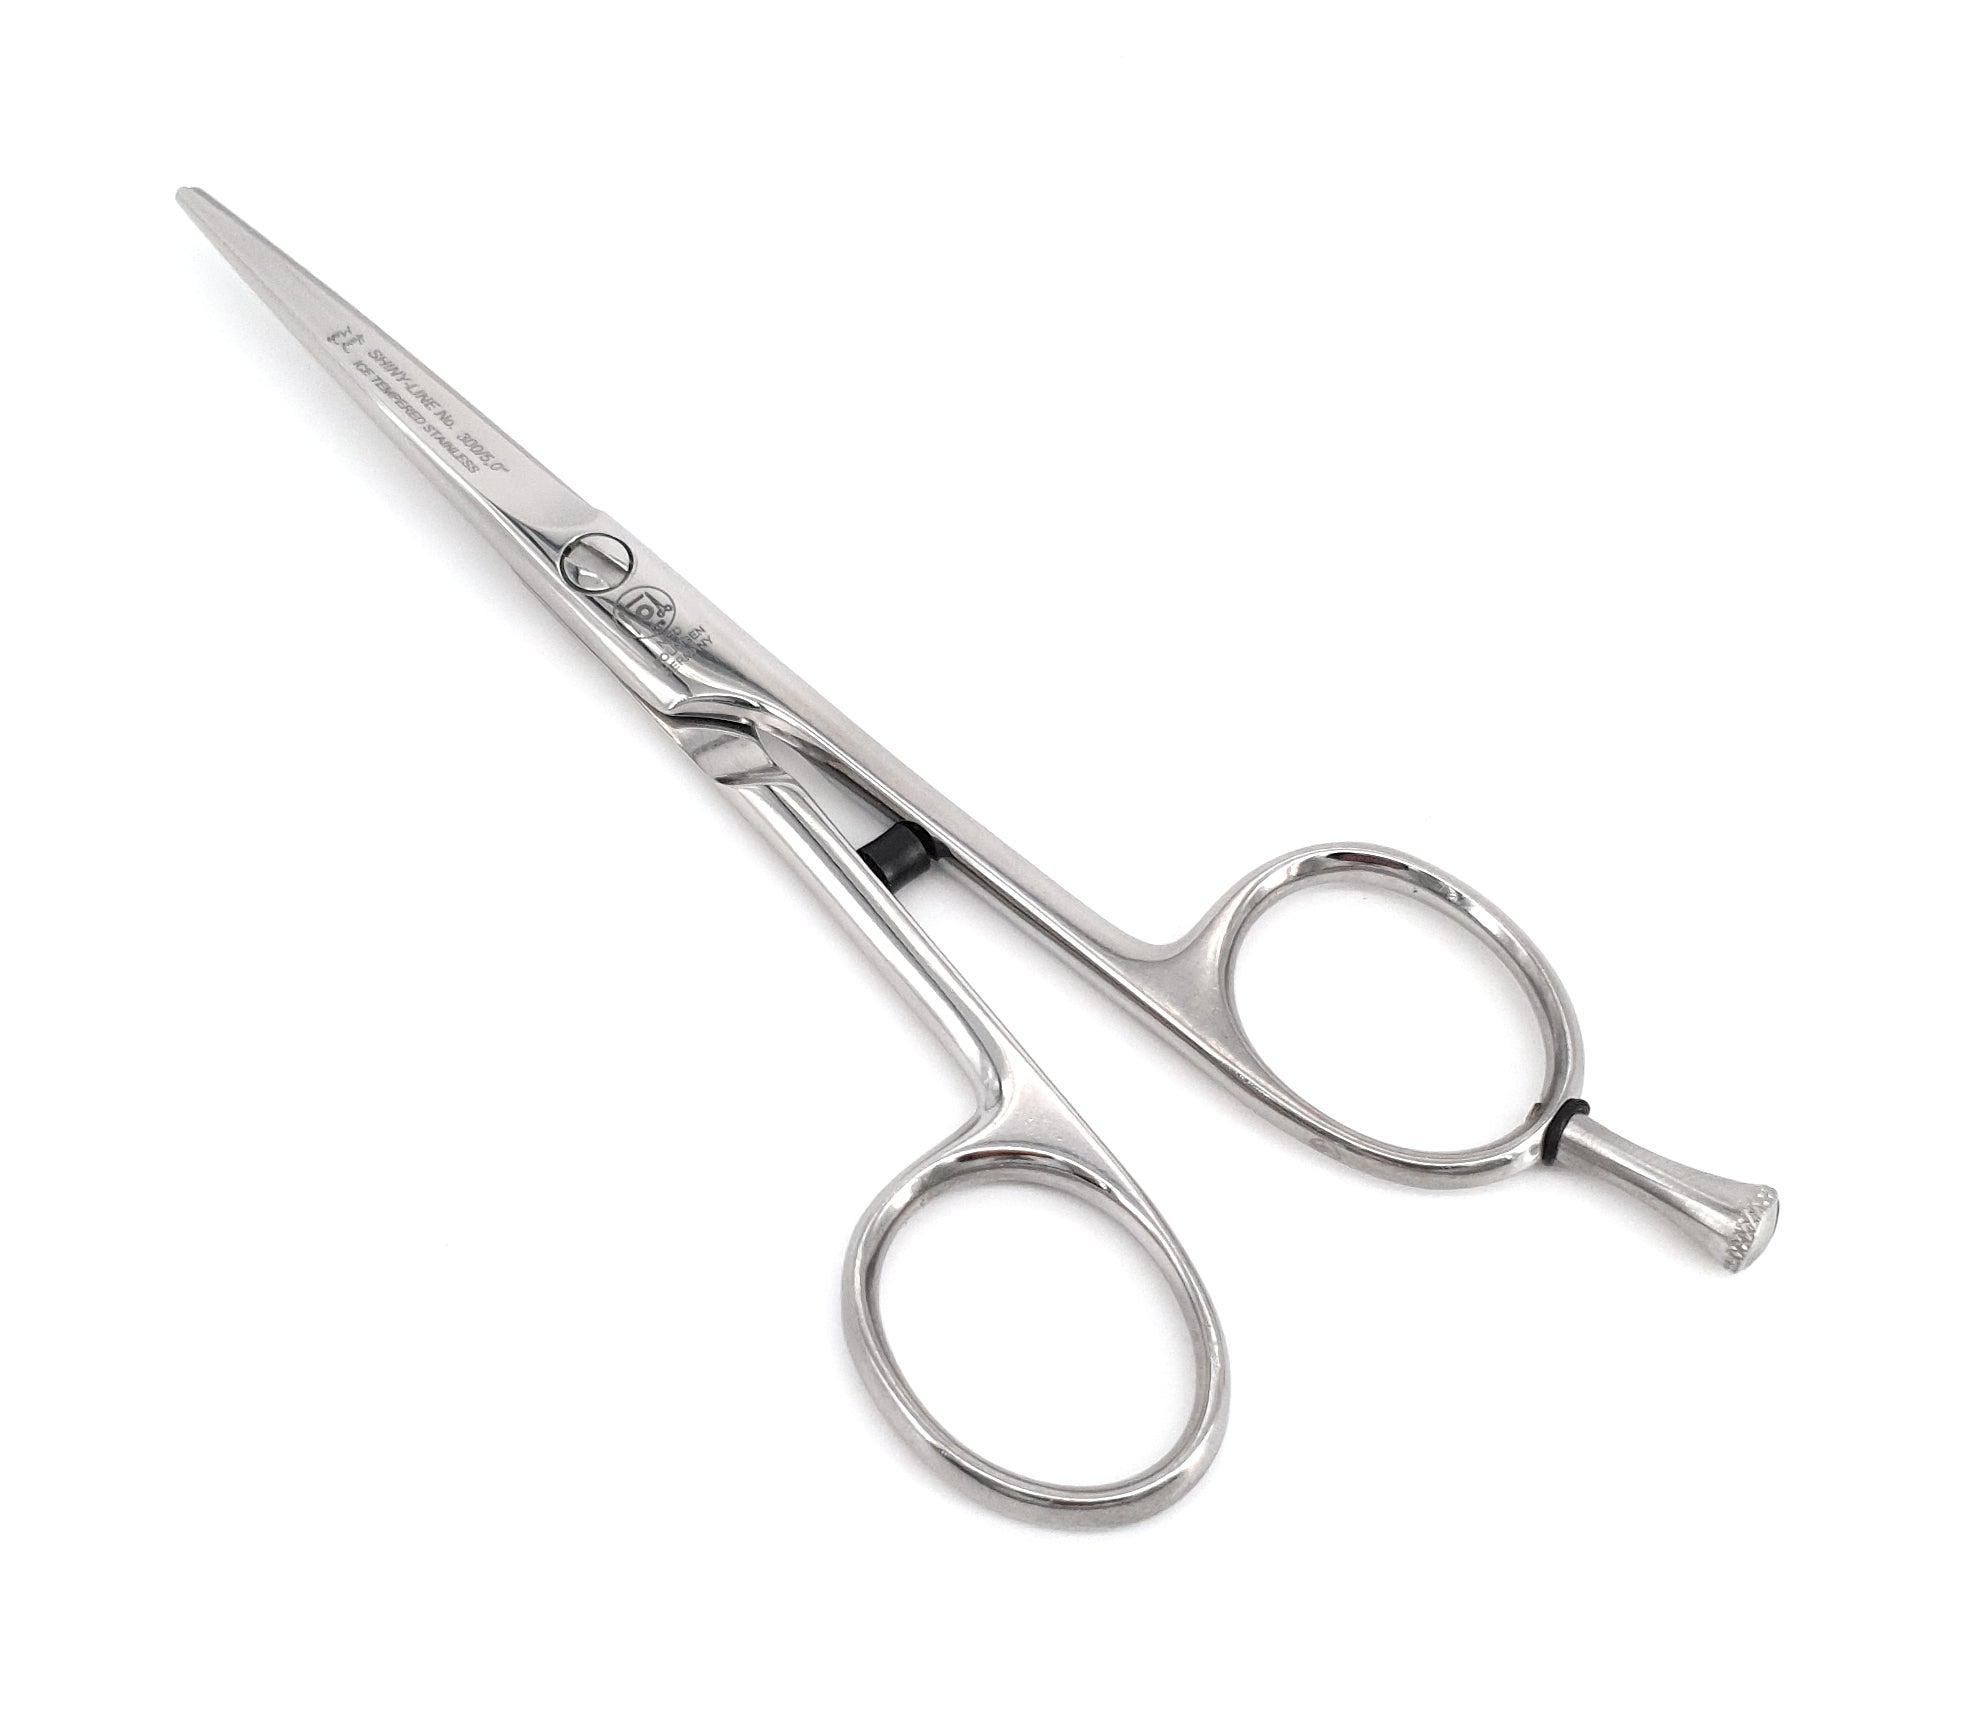 NTS Haarschere Friseurschere Chiro Form Shiny Line poliert 300-5,0 Groesse - 5,0 Zoll - 12,7 cm